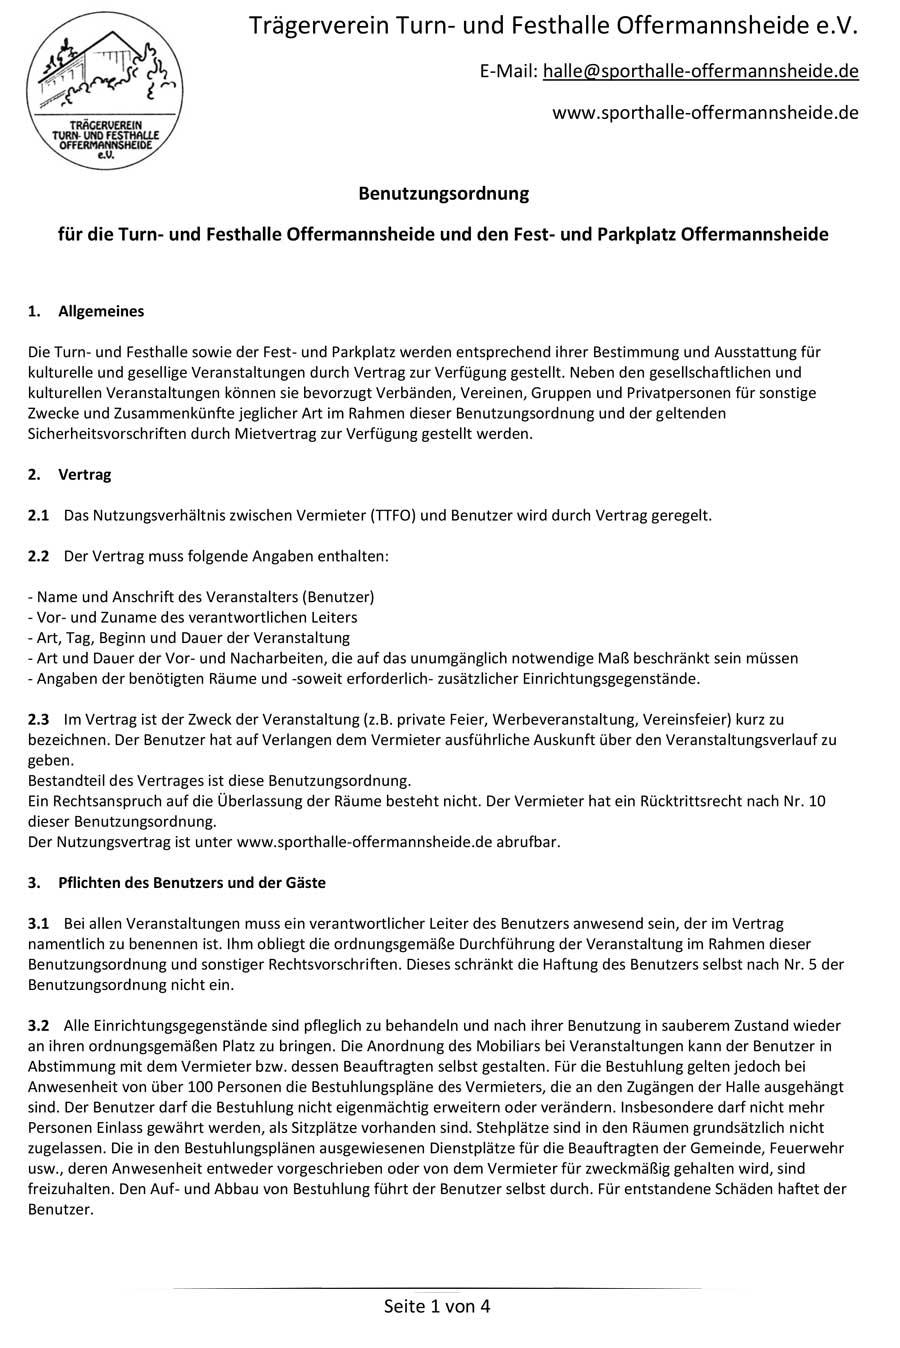 Benutzerordnung der Sporthalle Offermannsheide Kürten mit Link zur PDF-Datei